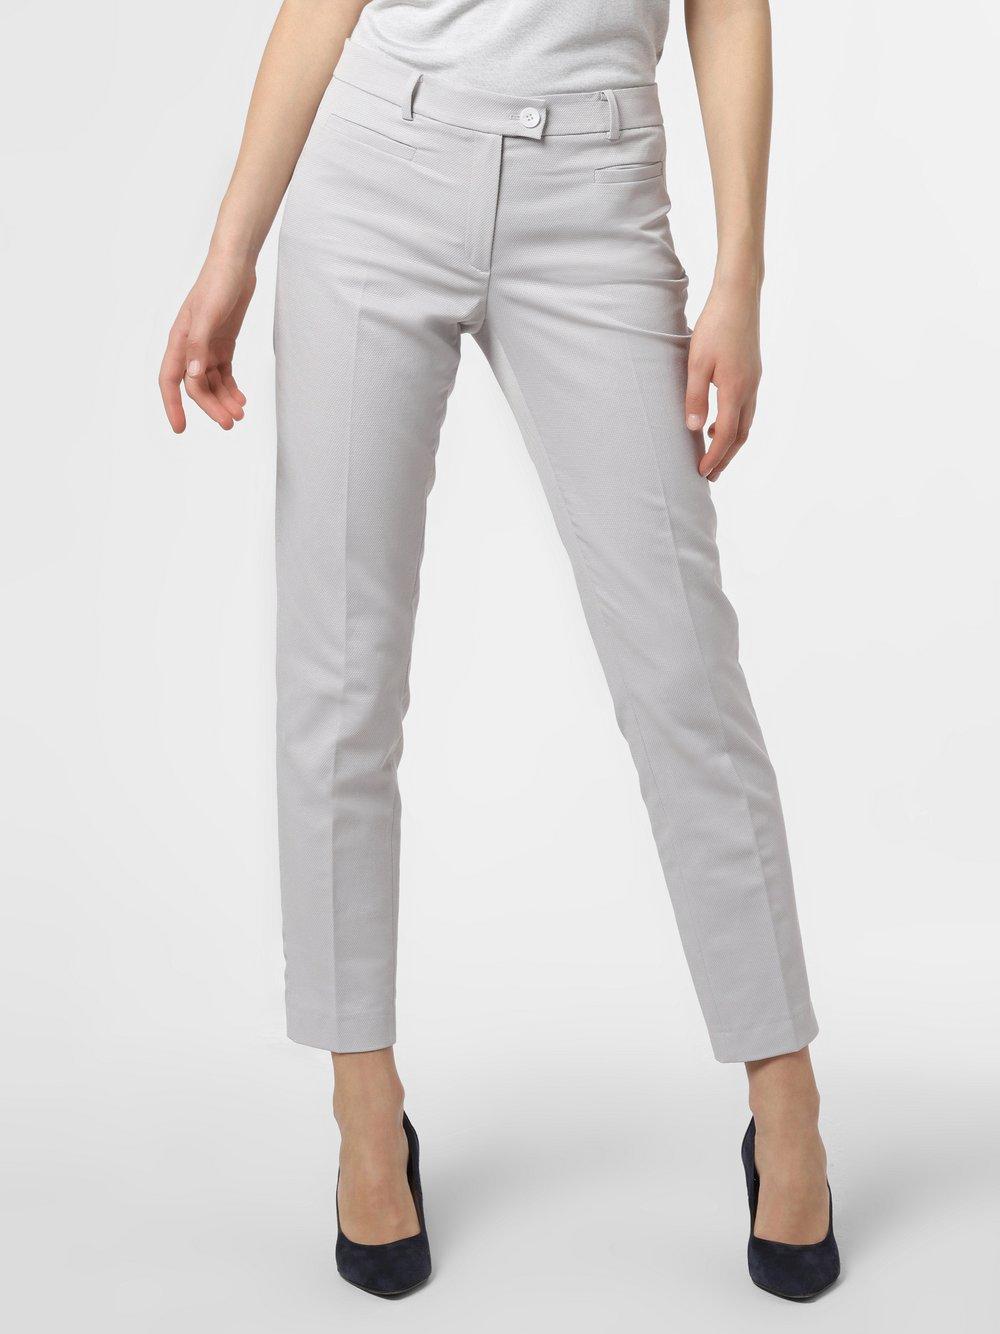 More & More - Spodnie damskie – Hedy, beżowy